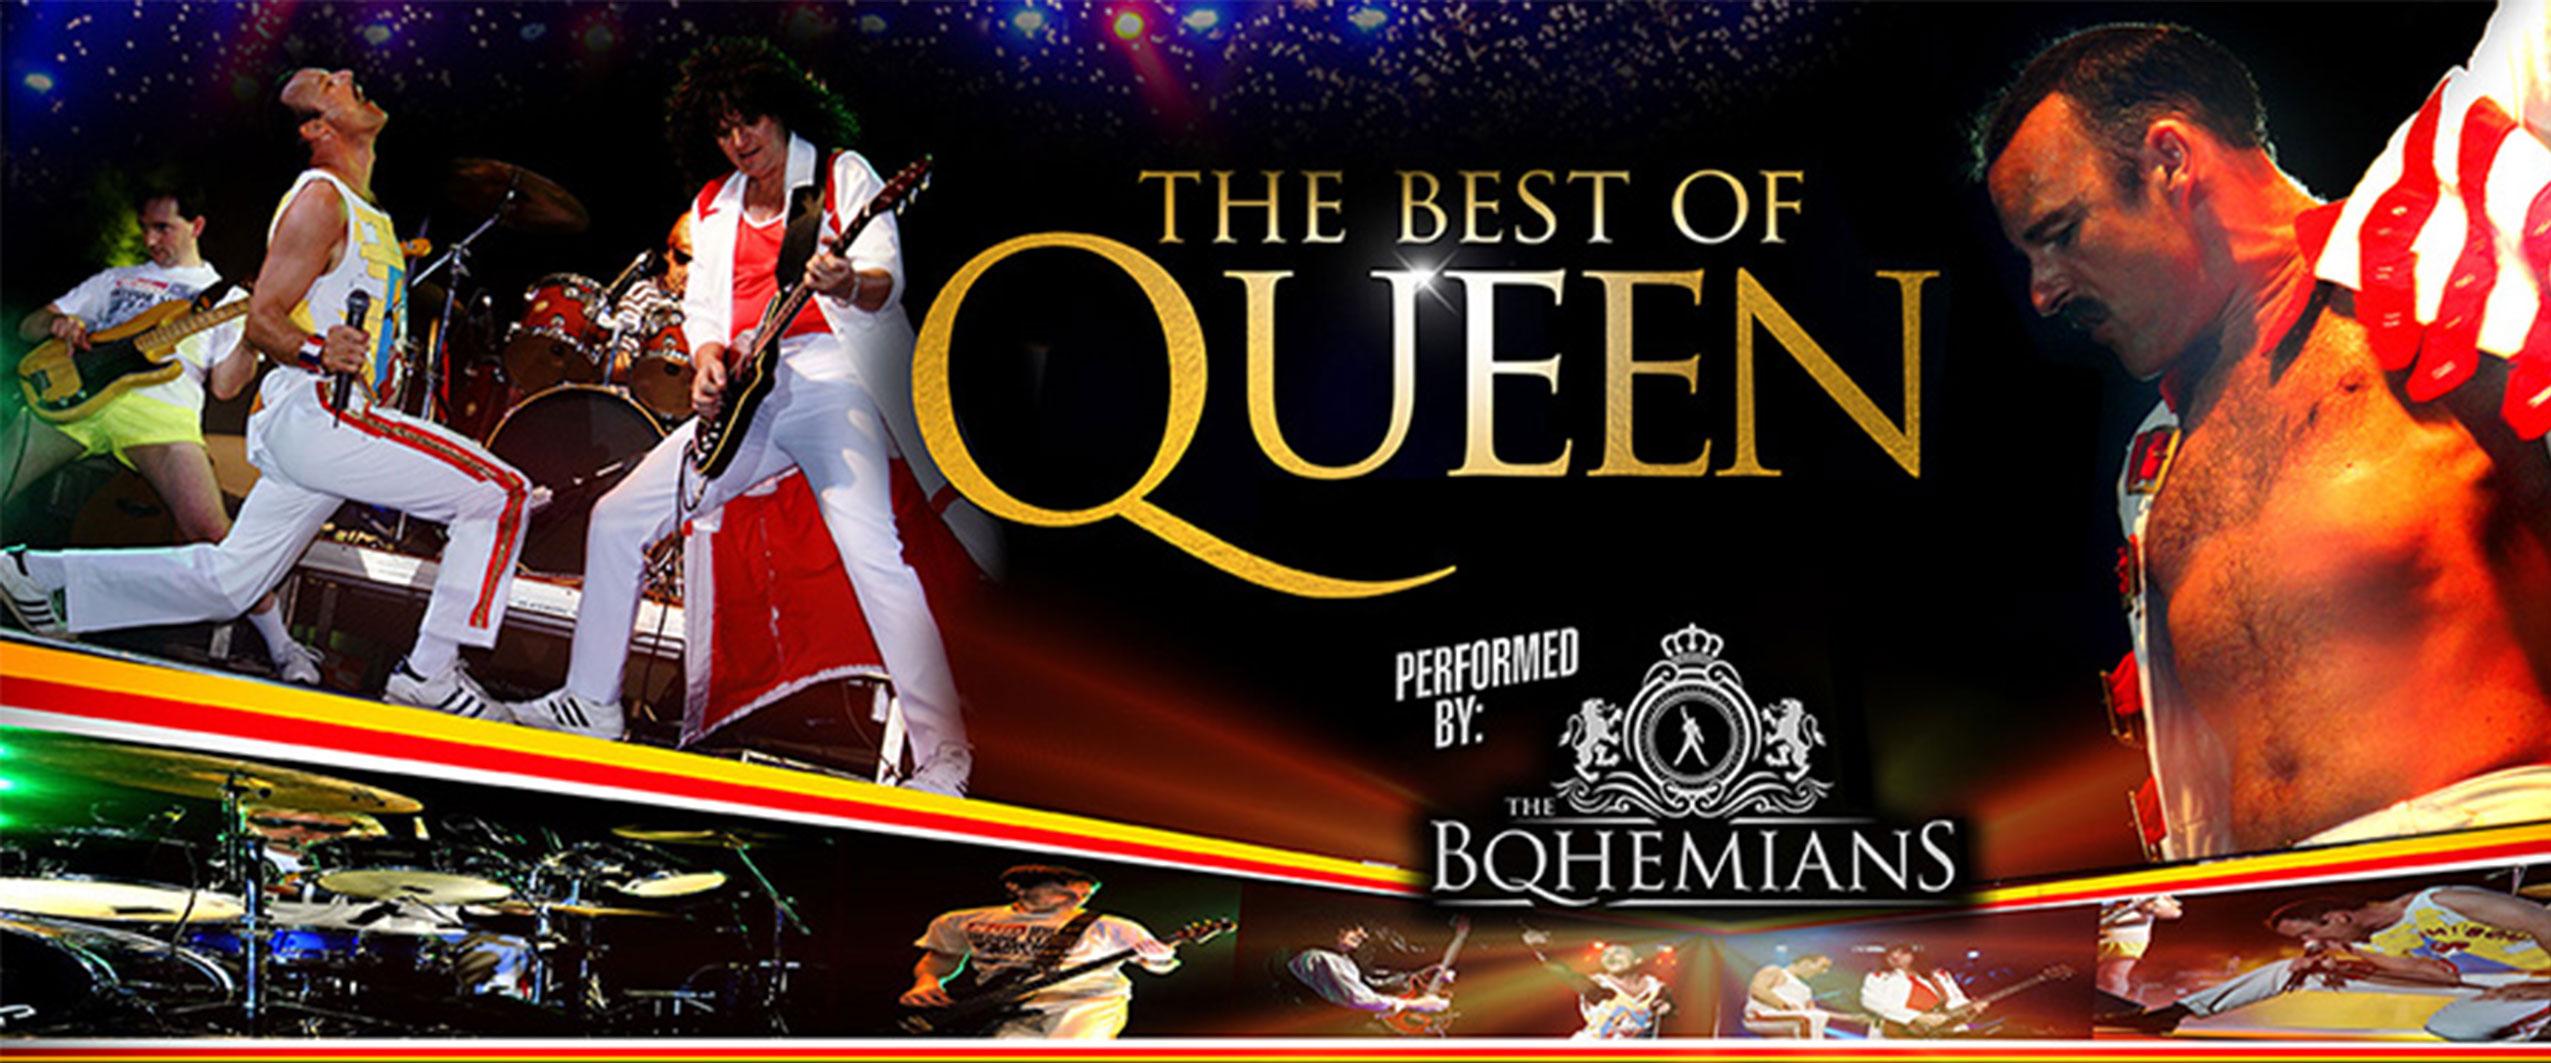 The Best Of Queen